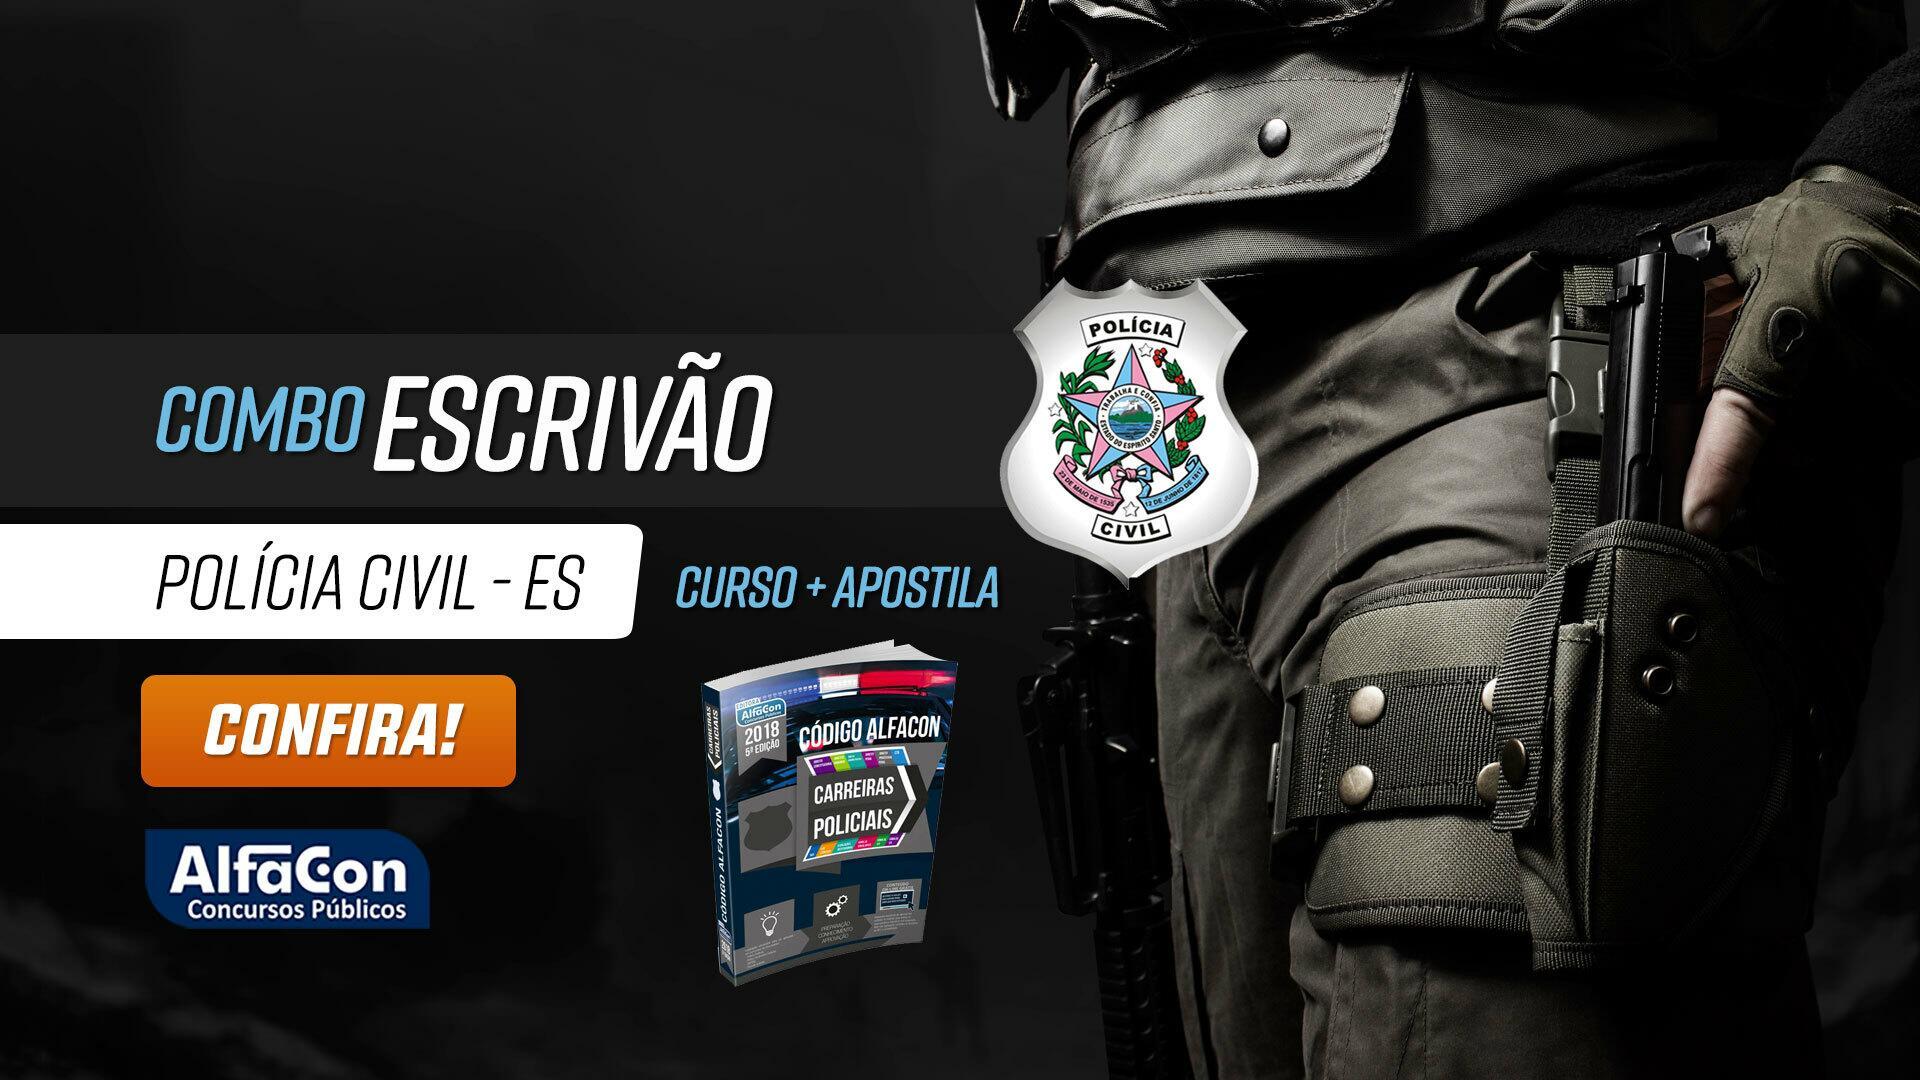 Combo para o concurso PC ES – Escrivão da Polícia Civil do Espírito Santo (curso + apostila)